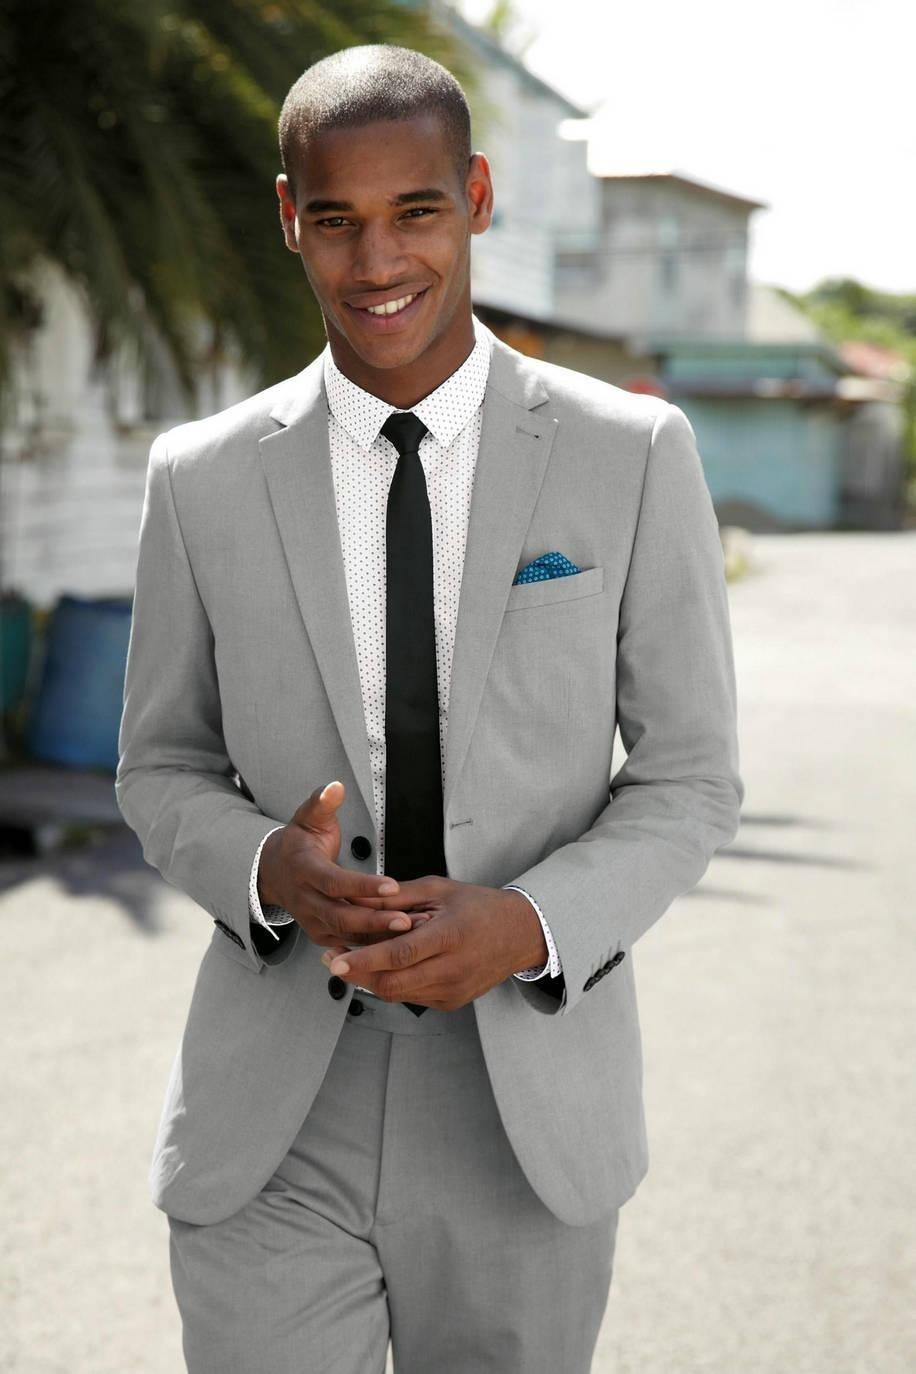 Grey Suit To A Wedding - Ocodea.com